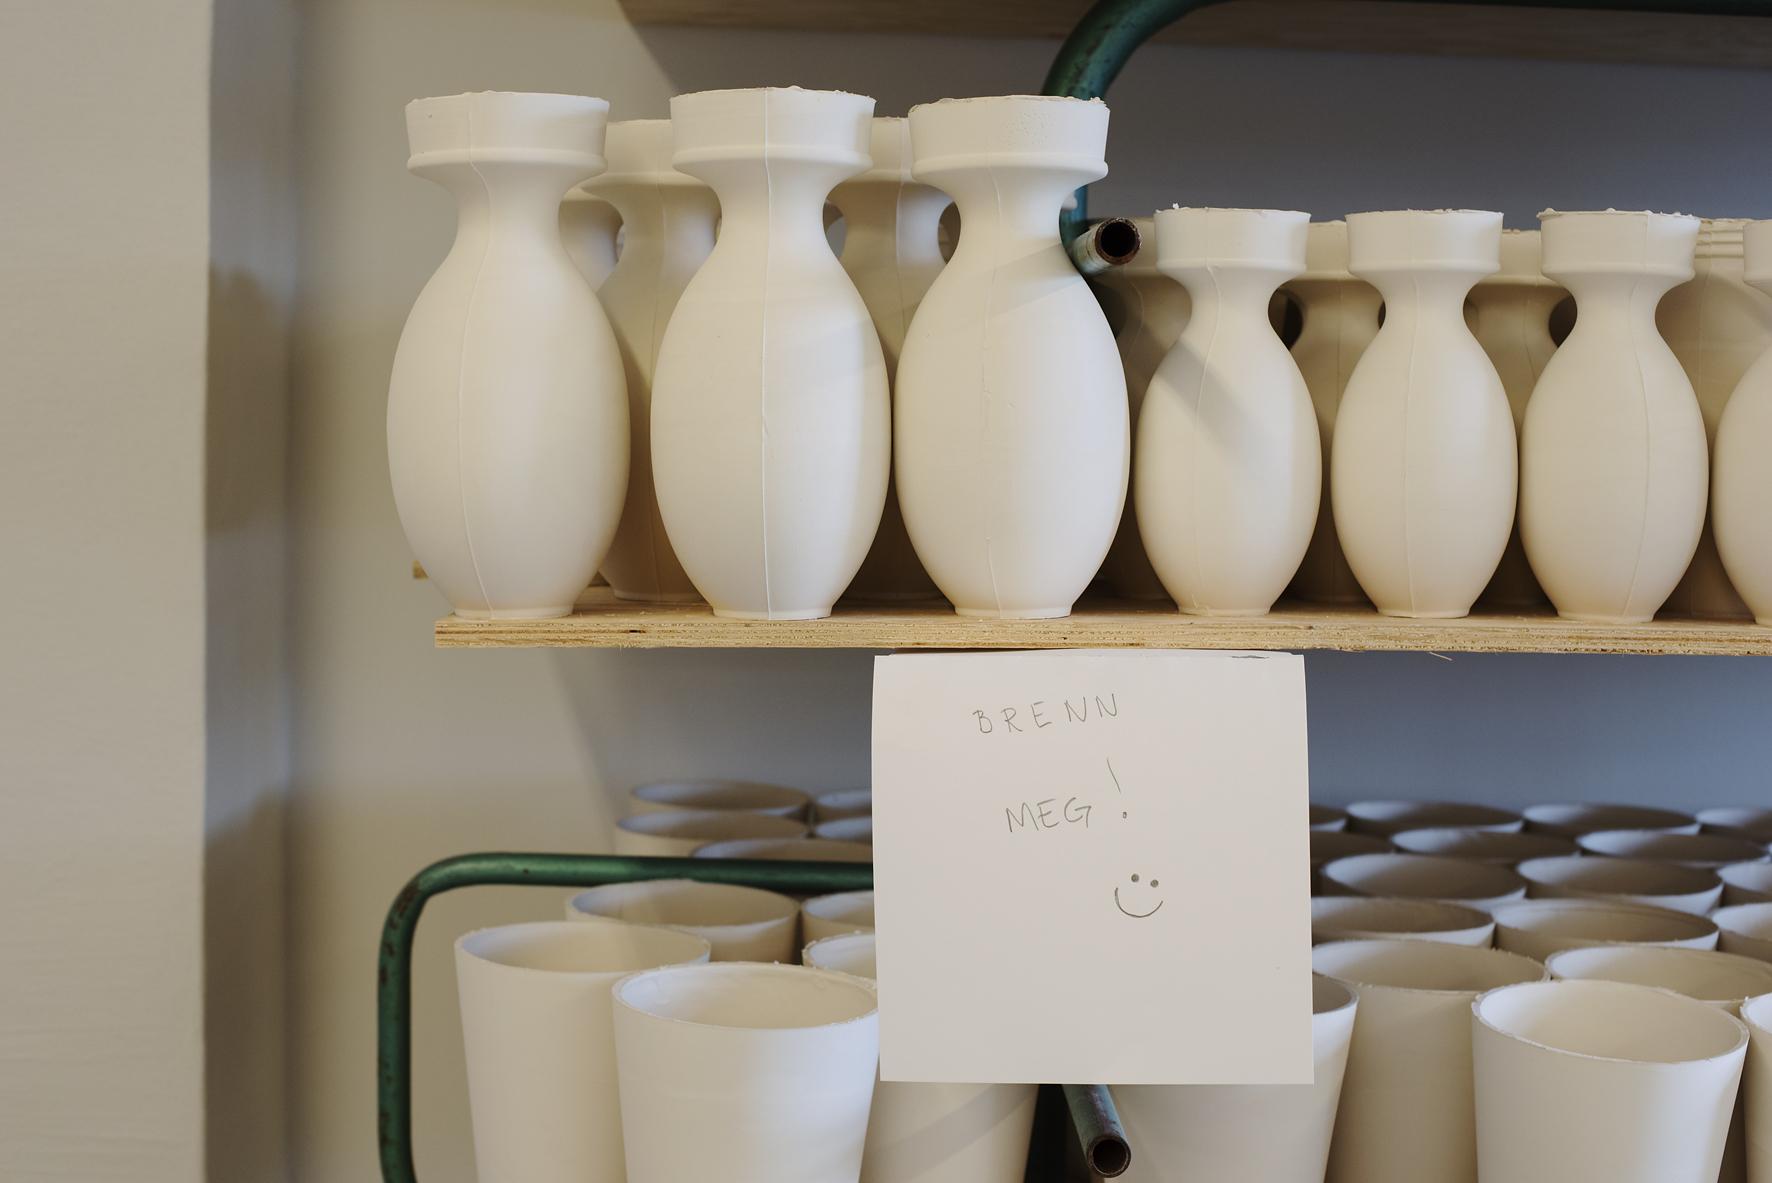 Fra produksjonen av vaser til høstens Kvasbø-utstilling.